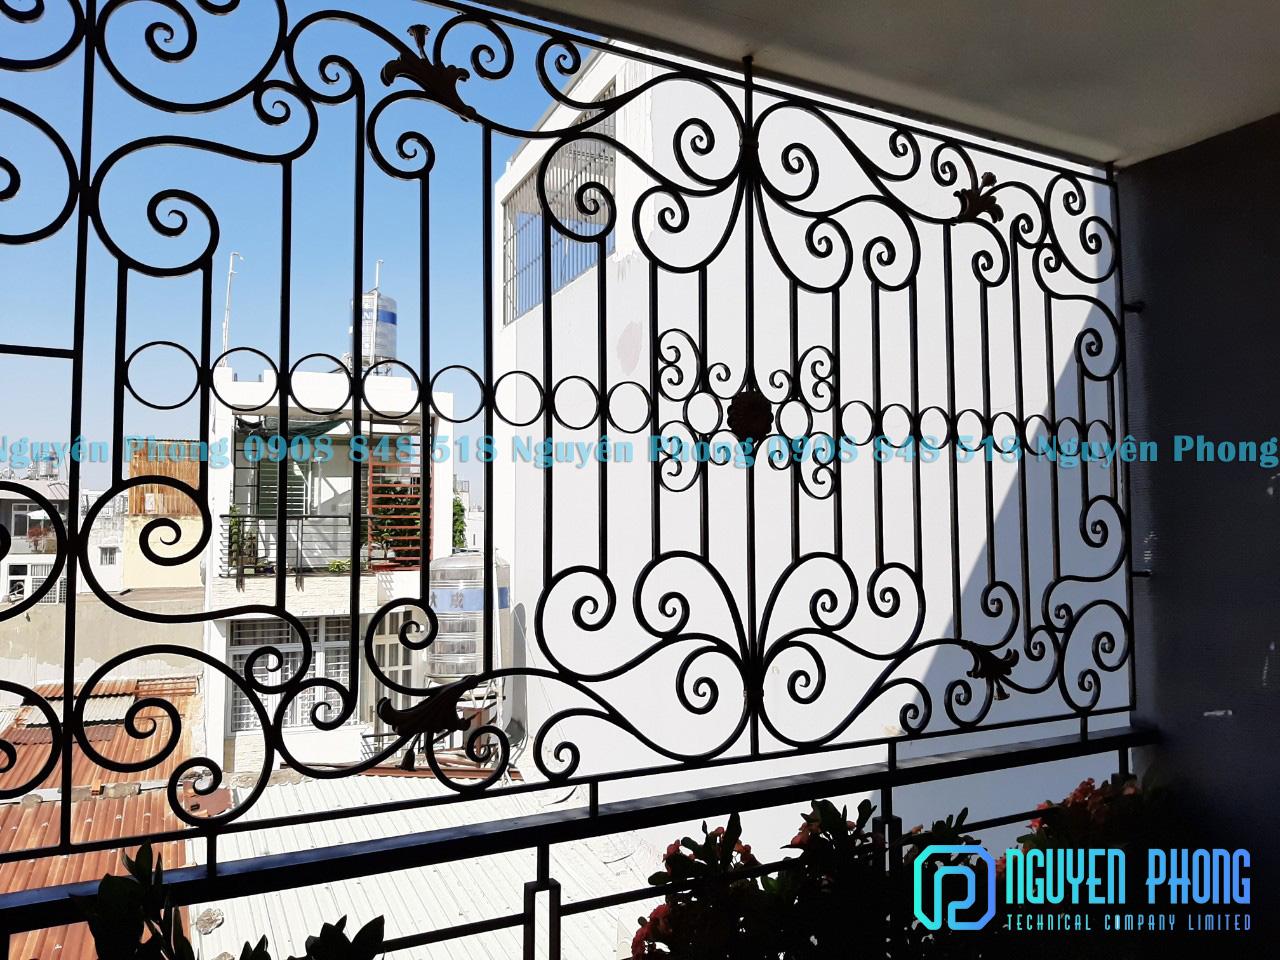 Mẫu song cửa sổ, khung cửa sổ sắt uốn nghệ thuật sơn epoxy cao cấp cho biệt thự, nhà phố